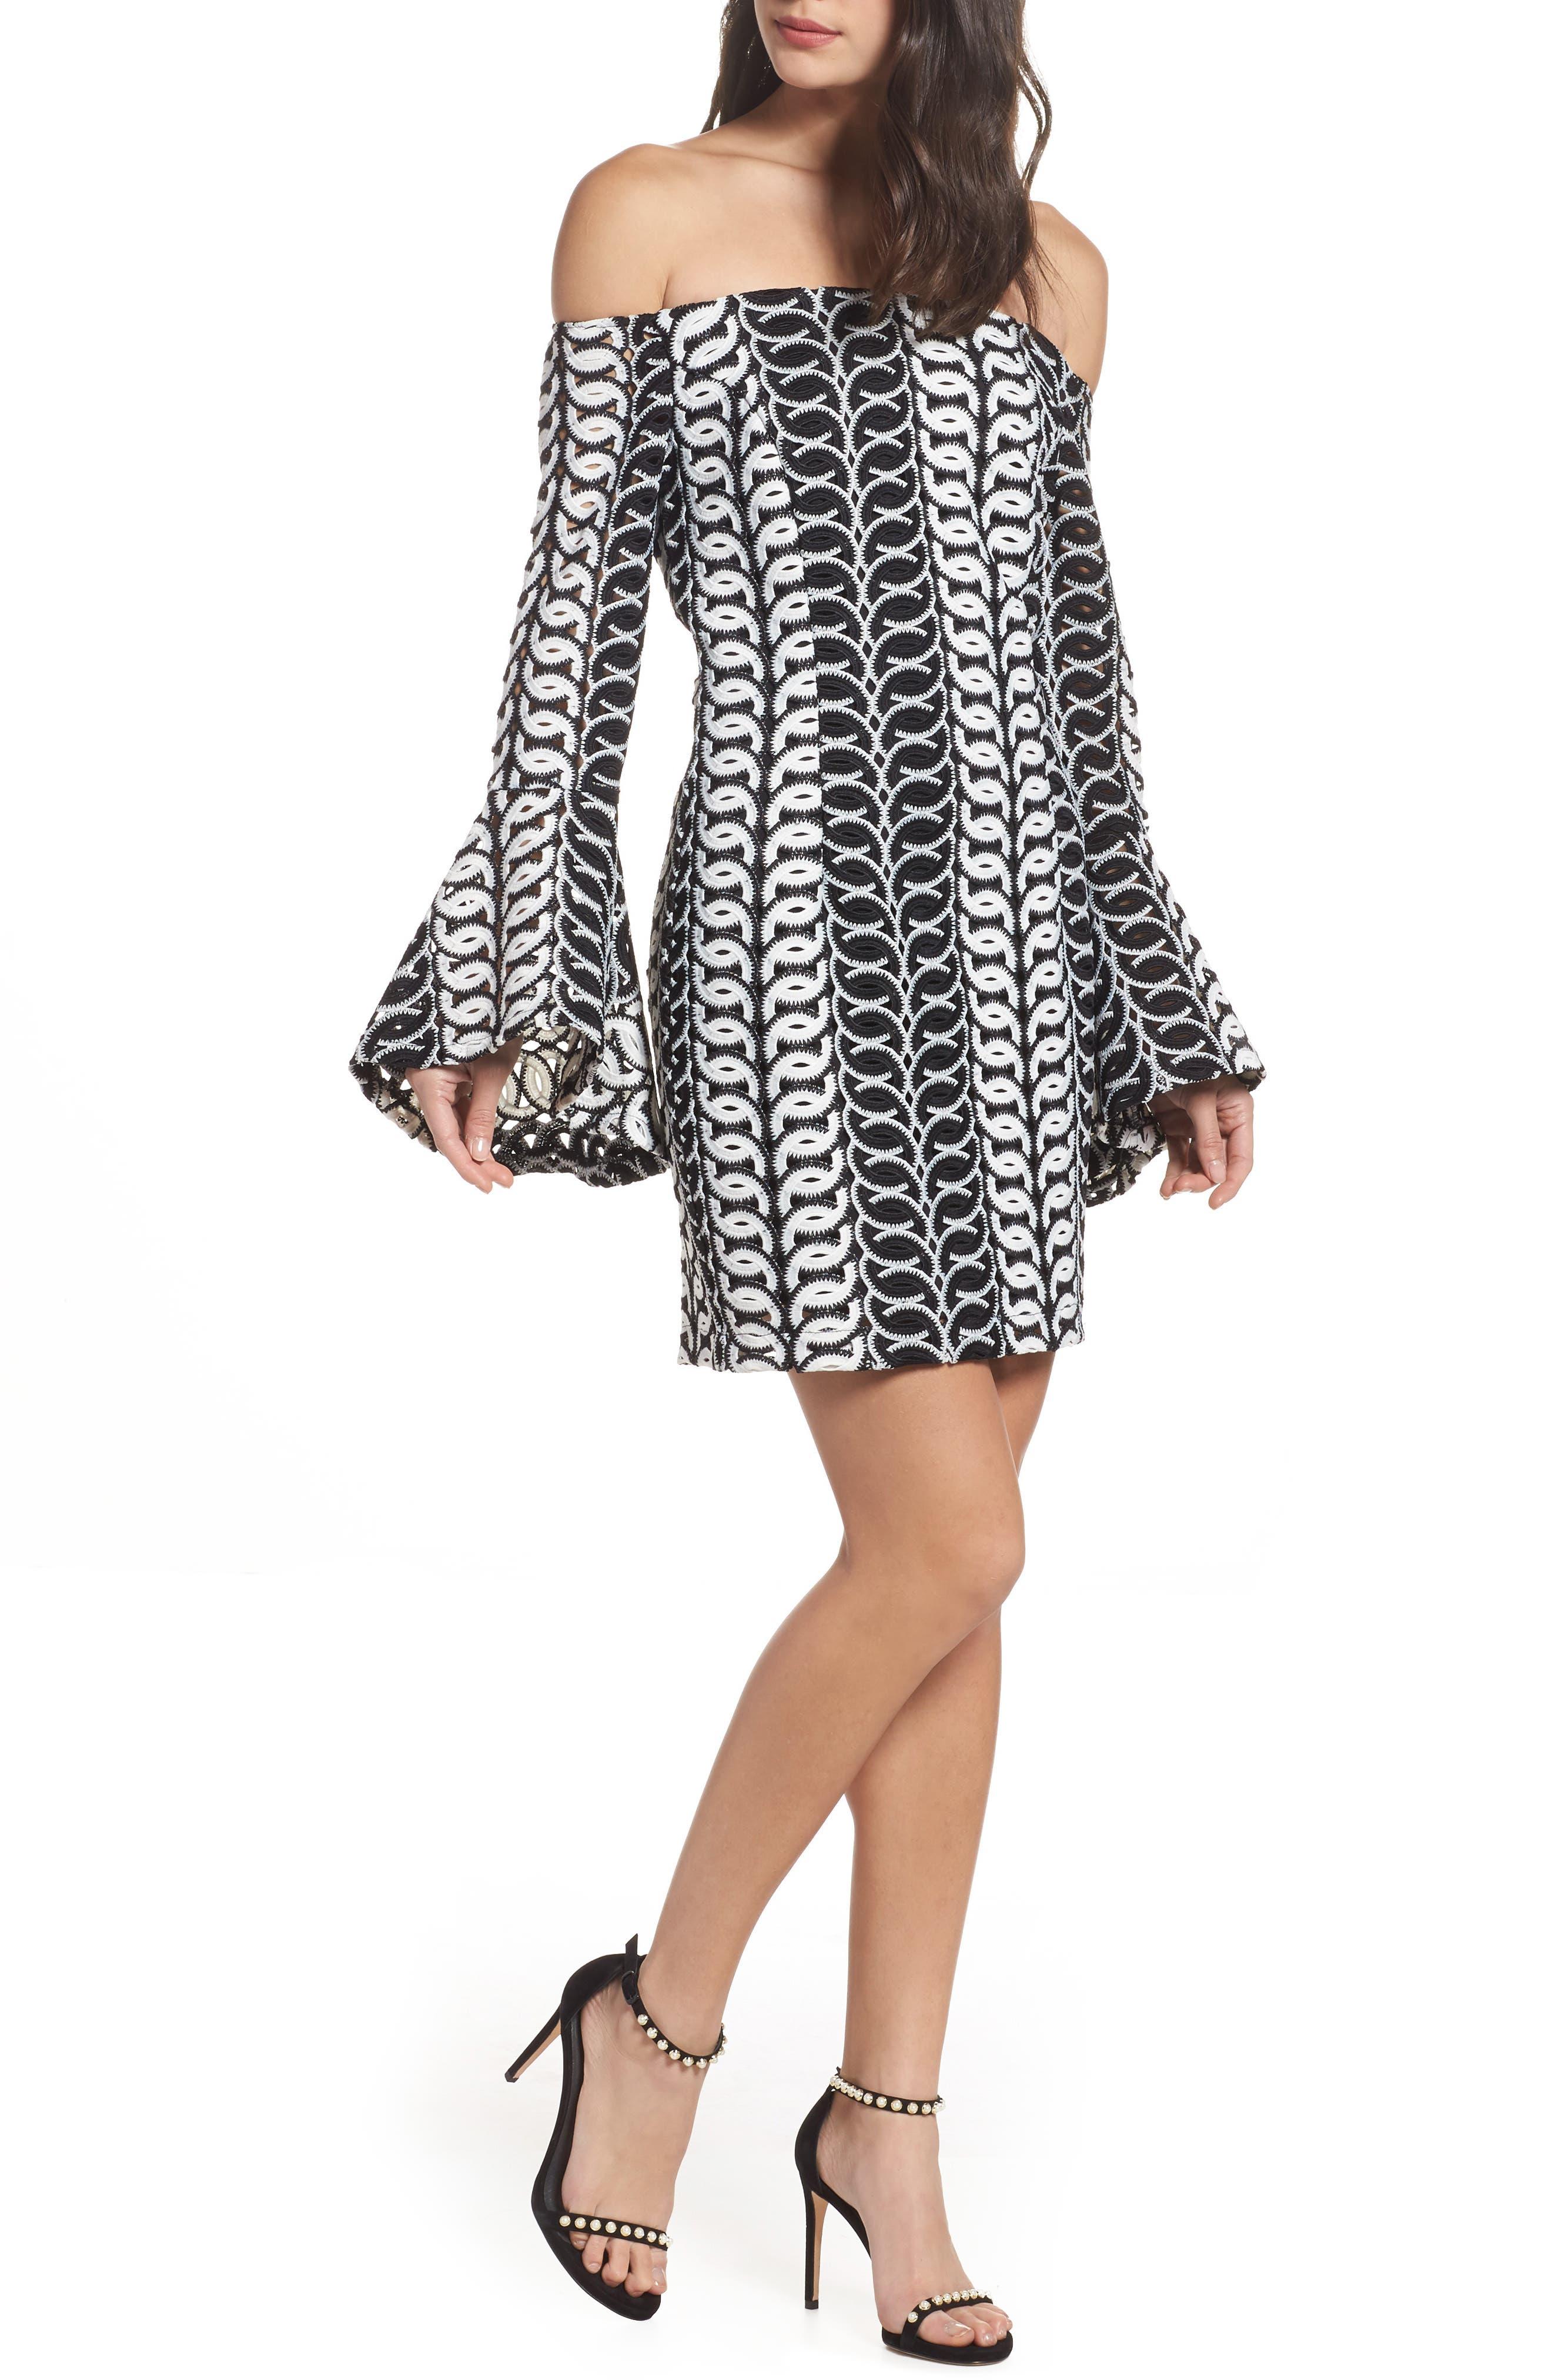 Chantelle Lace Off the Shoulder Dress,                         Main,                         color, 016